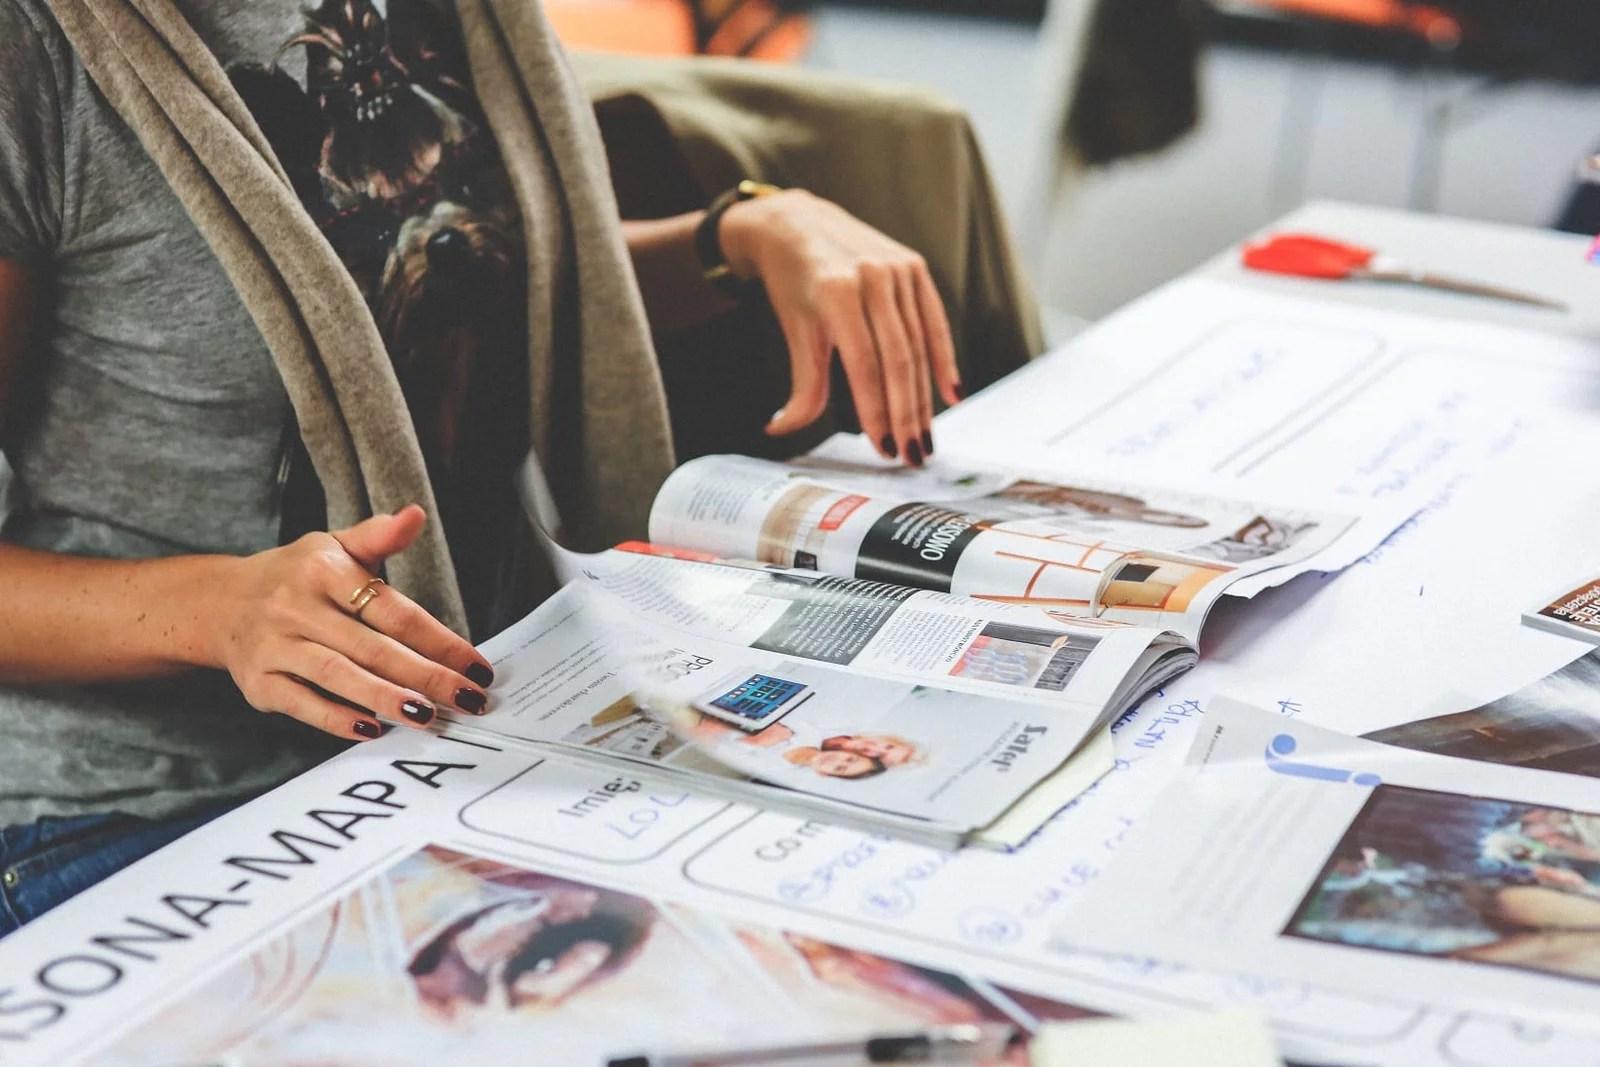 Revistas Customizadas, fale direto com o cliente!